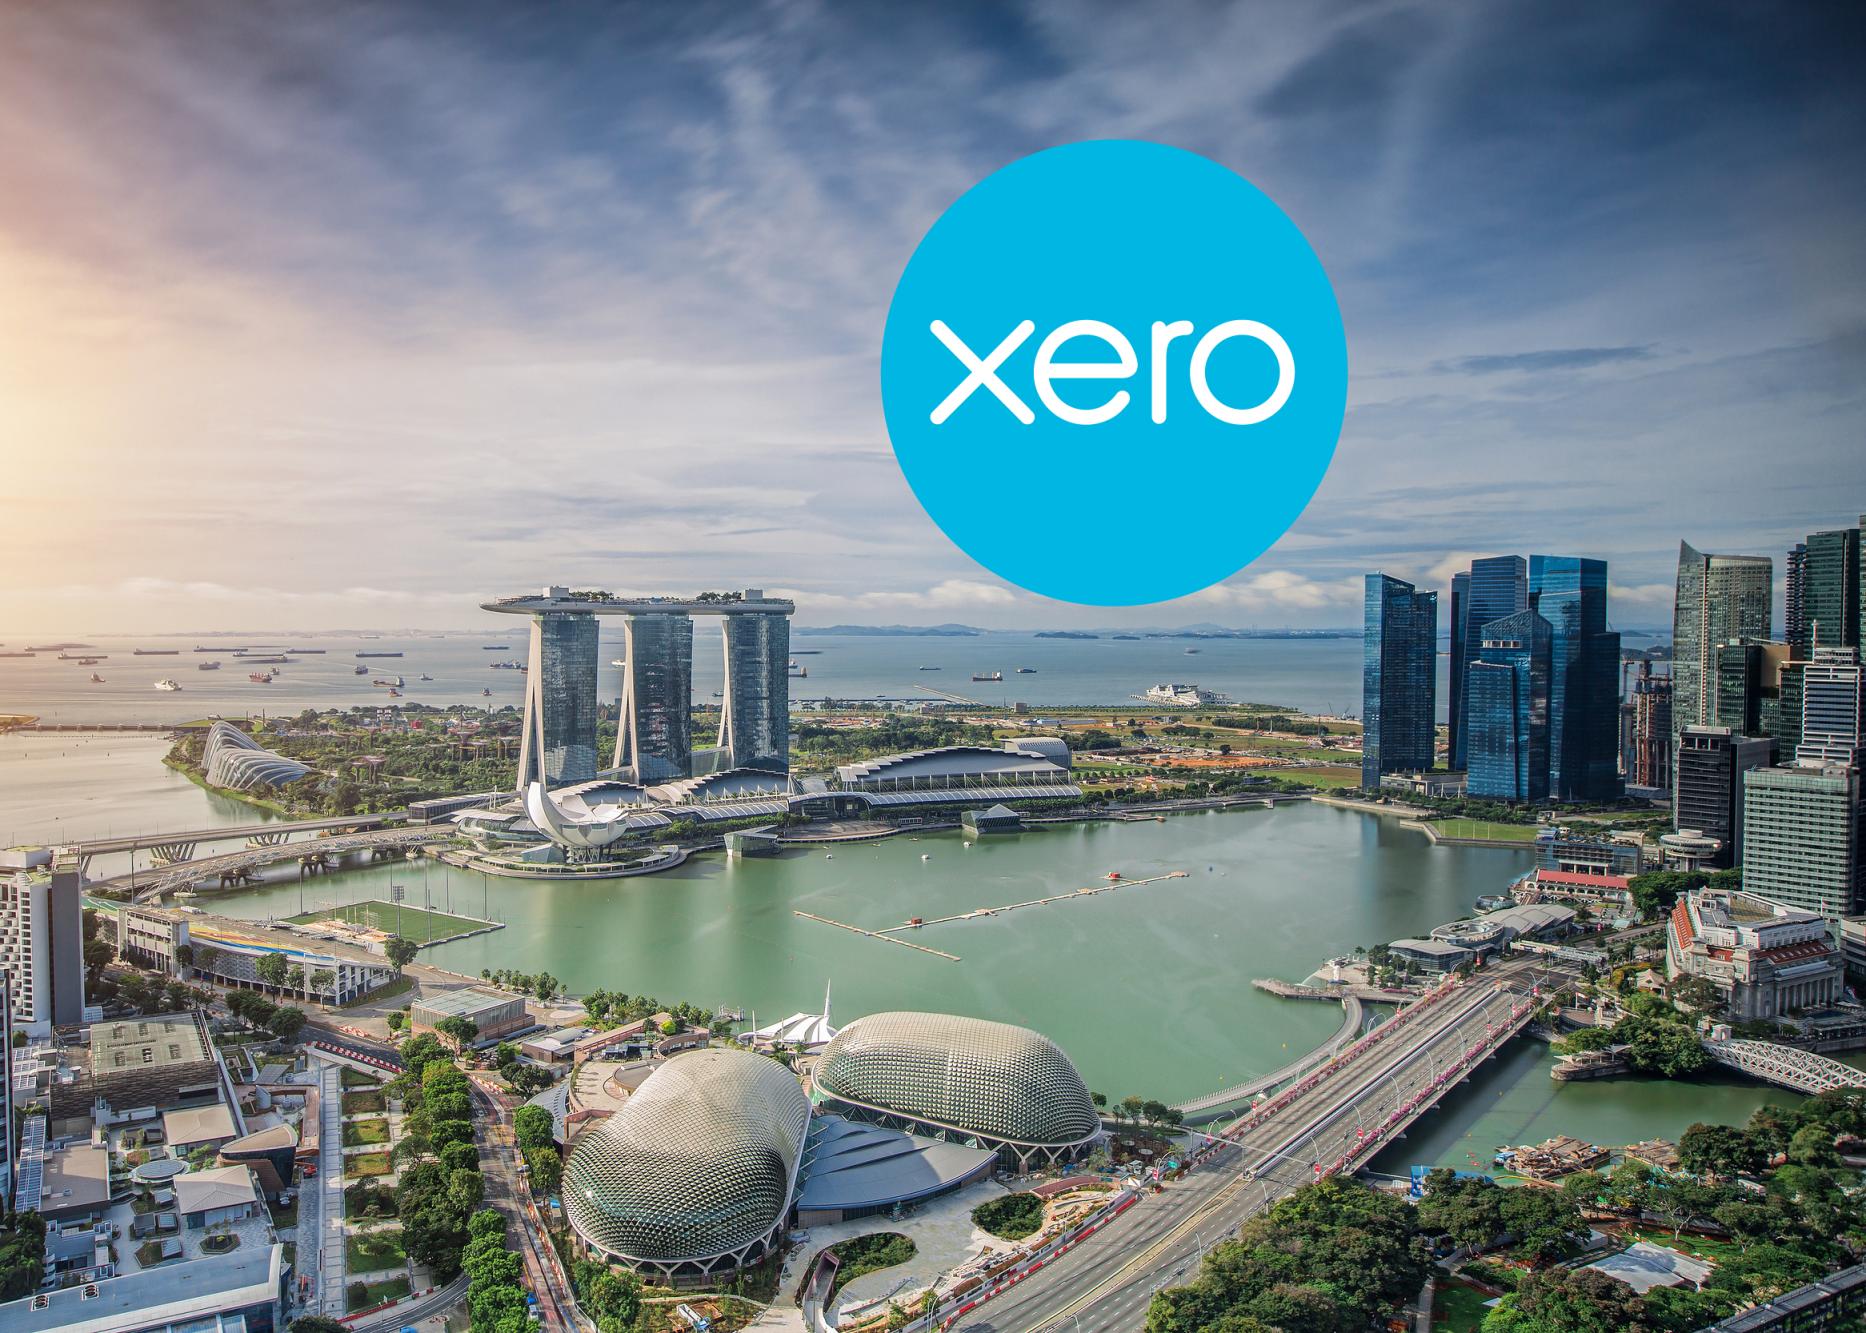 Xero Expansion: 7 key takeaways from Xero's first Asian Roadshows